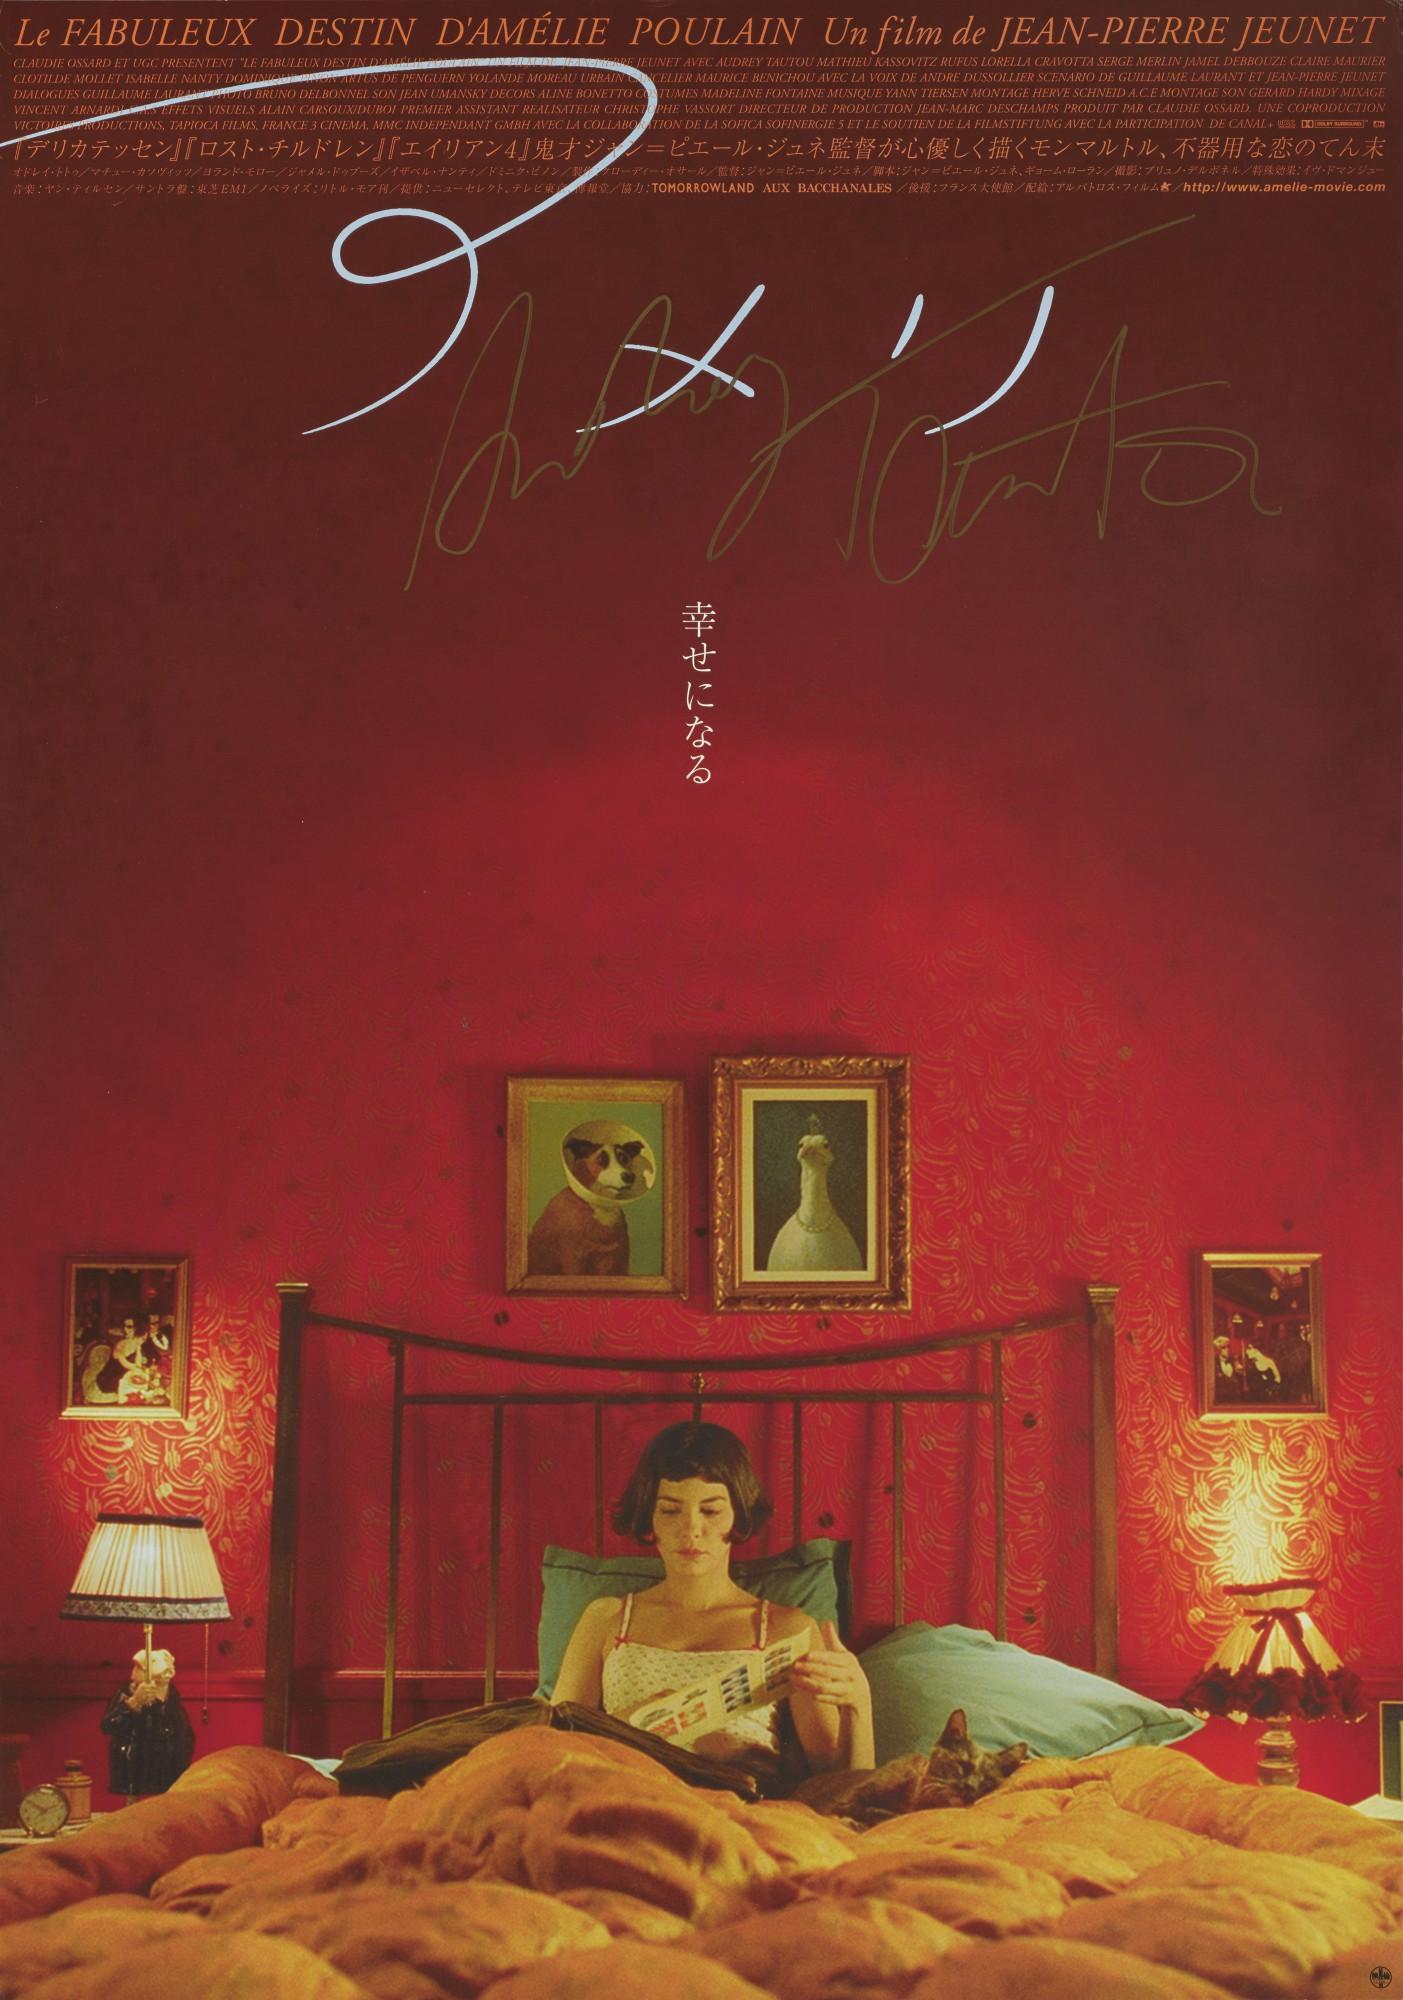 Le Fabuleux Destin D Amelie Poulain Amelie 2001 Poster Japanese Signed By Audrey Tautou Original Film Posters Online2020 Sotheby S